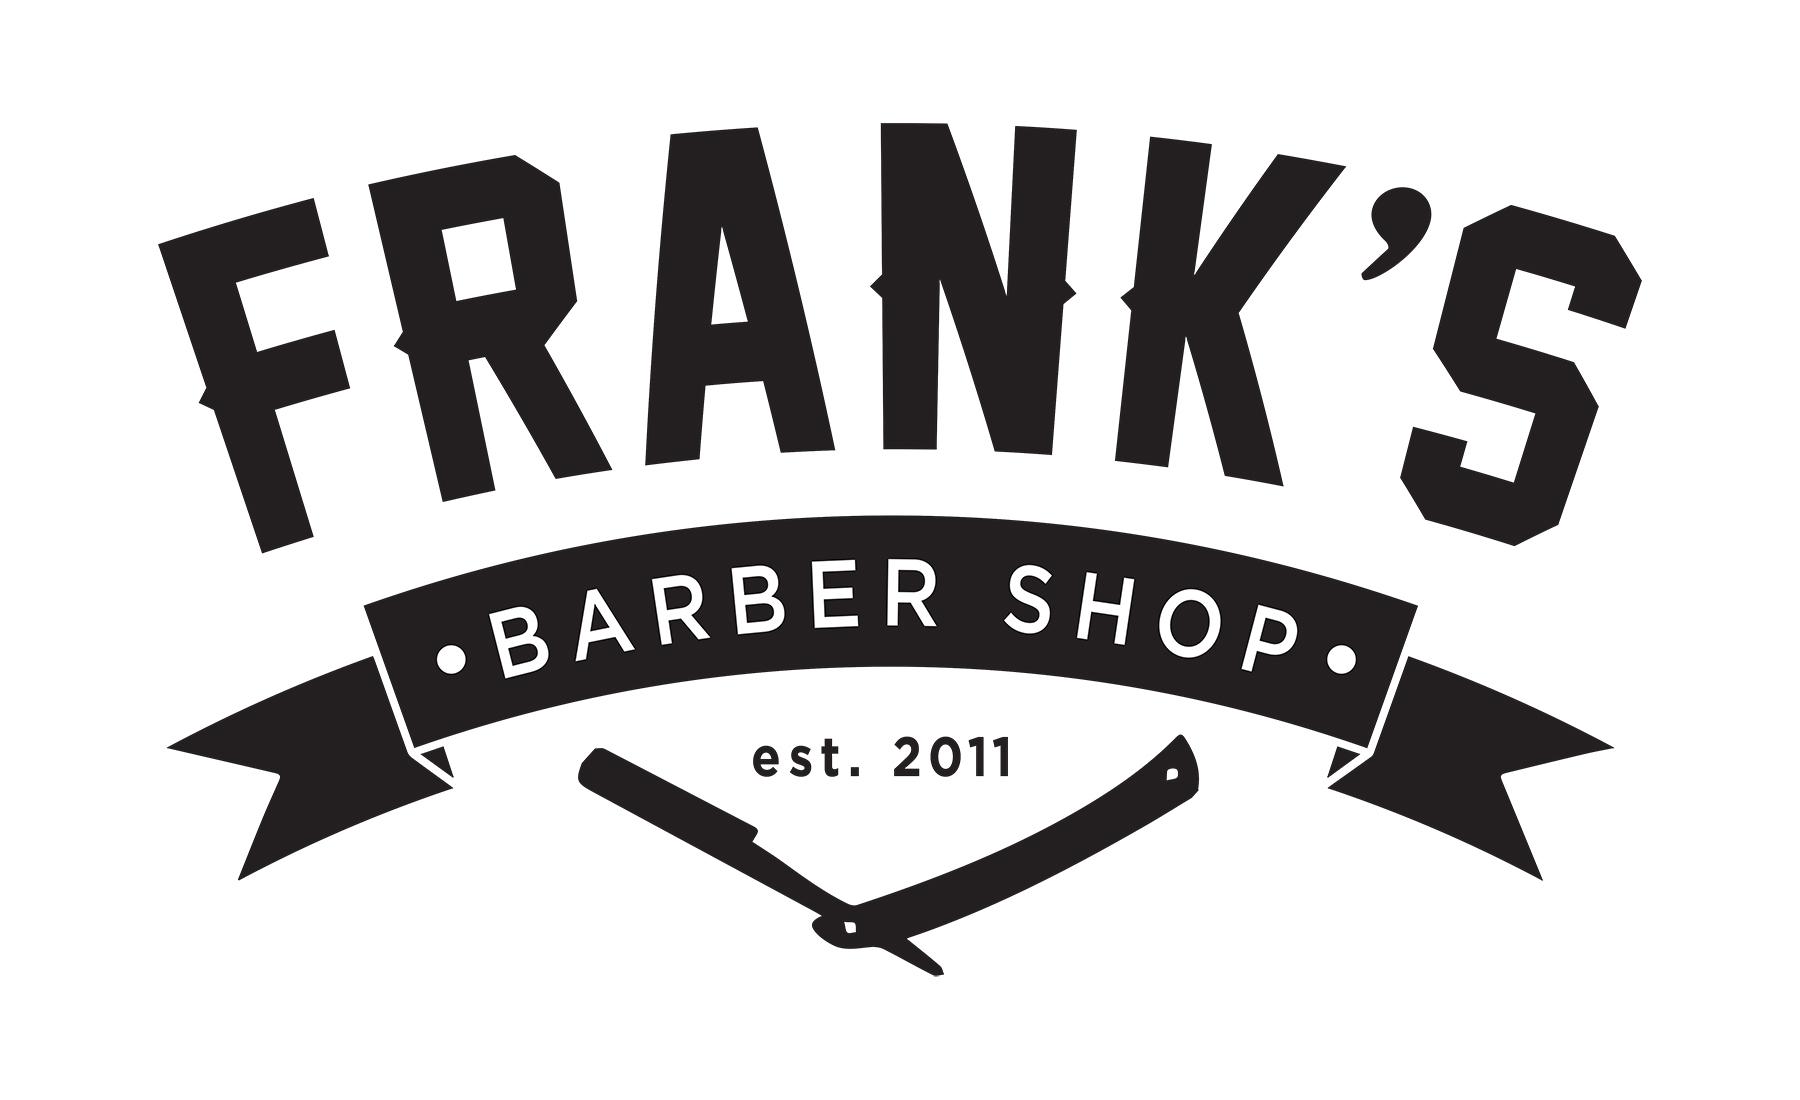 BarberLogo_01.jpg